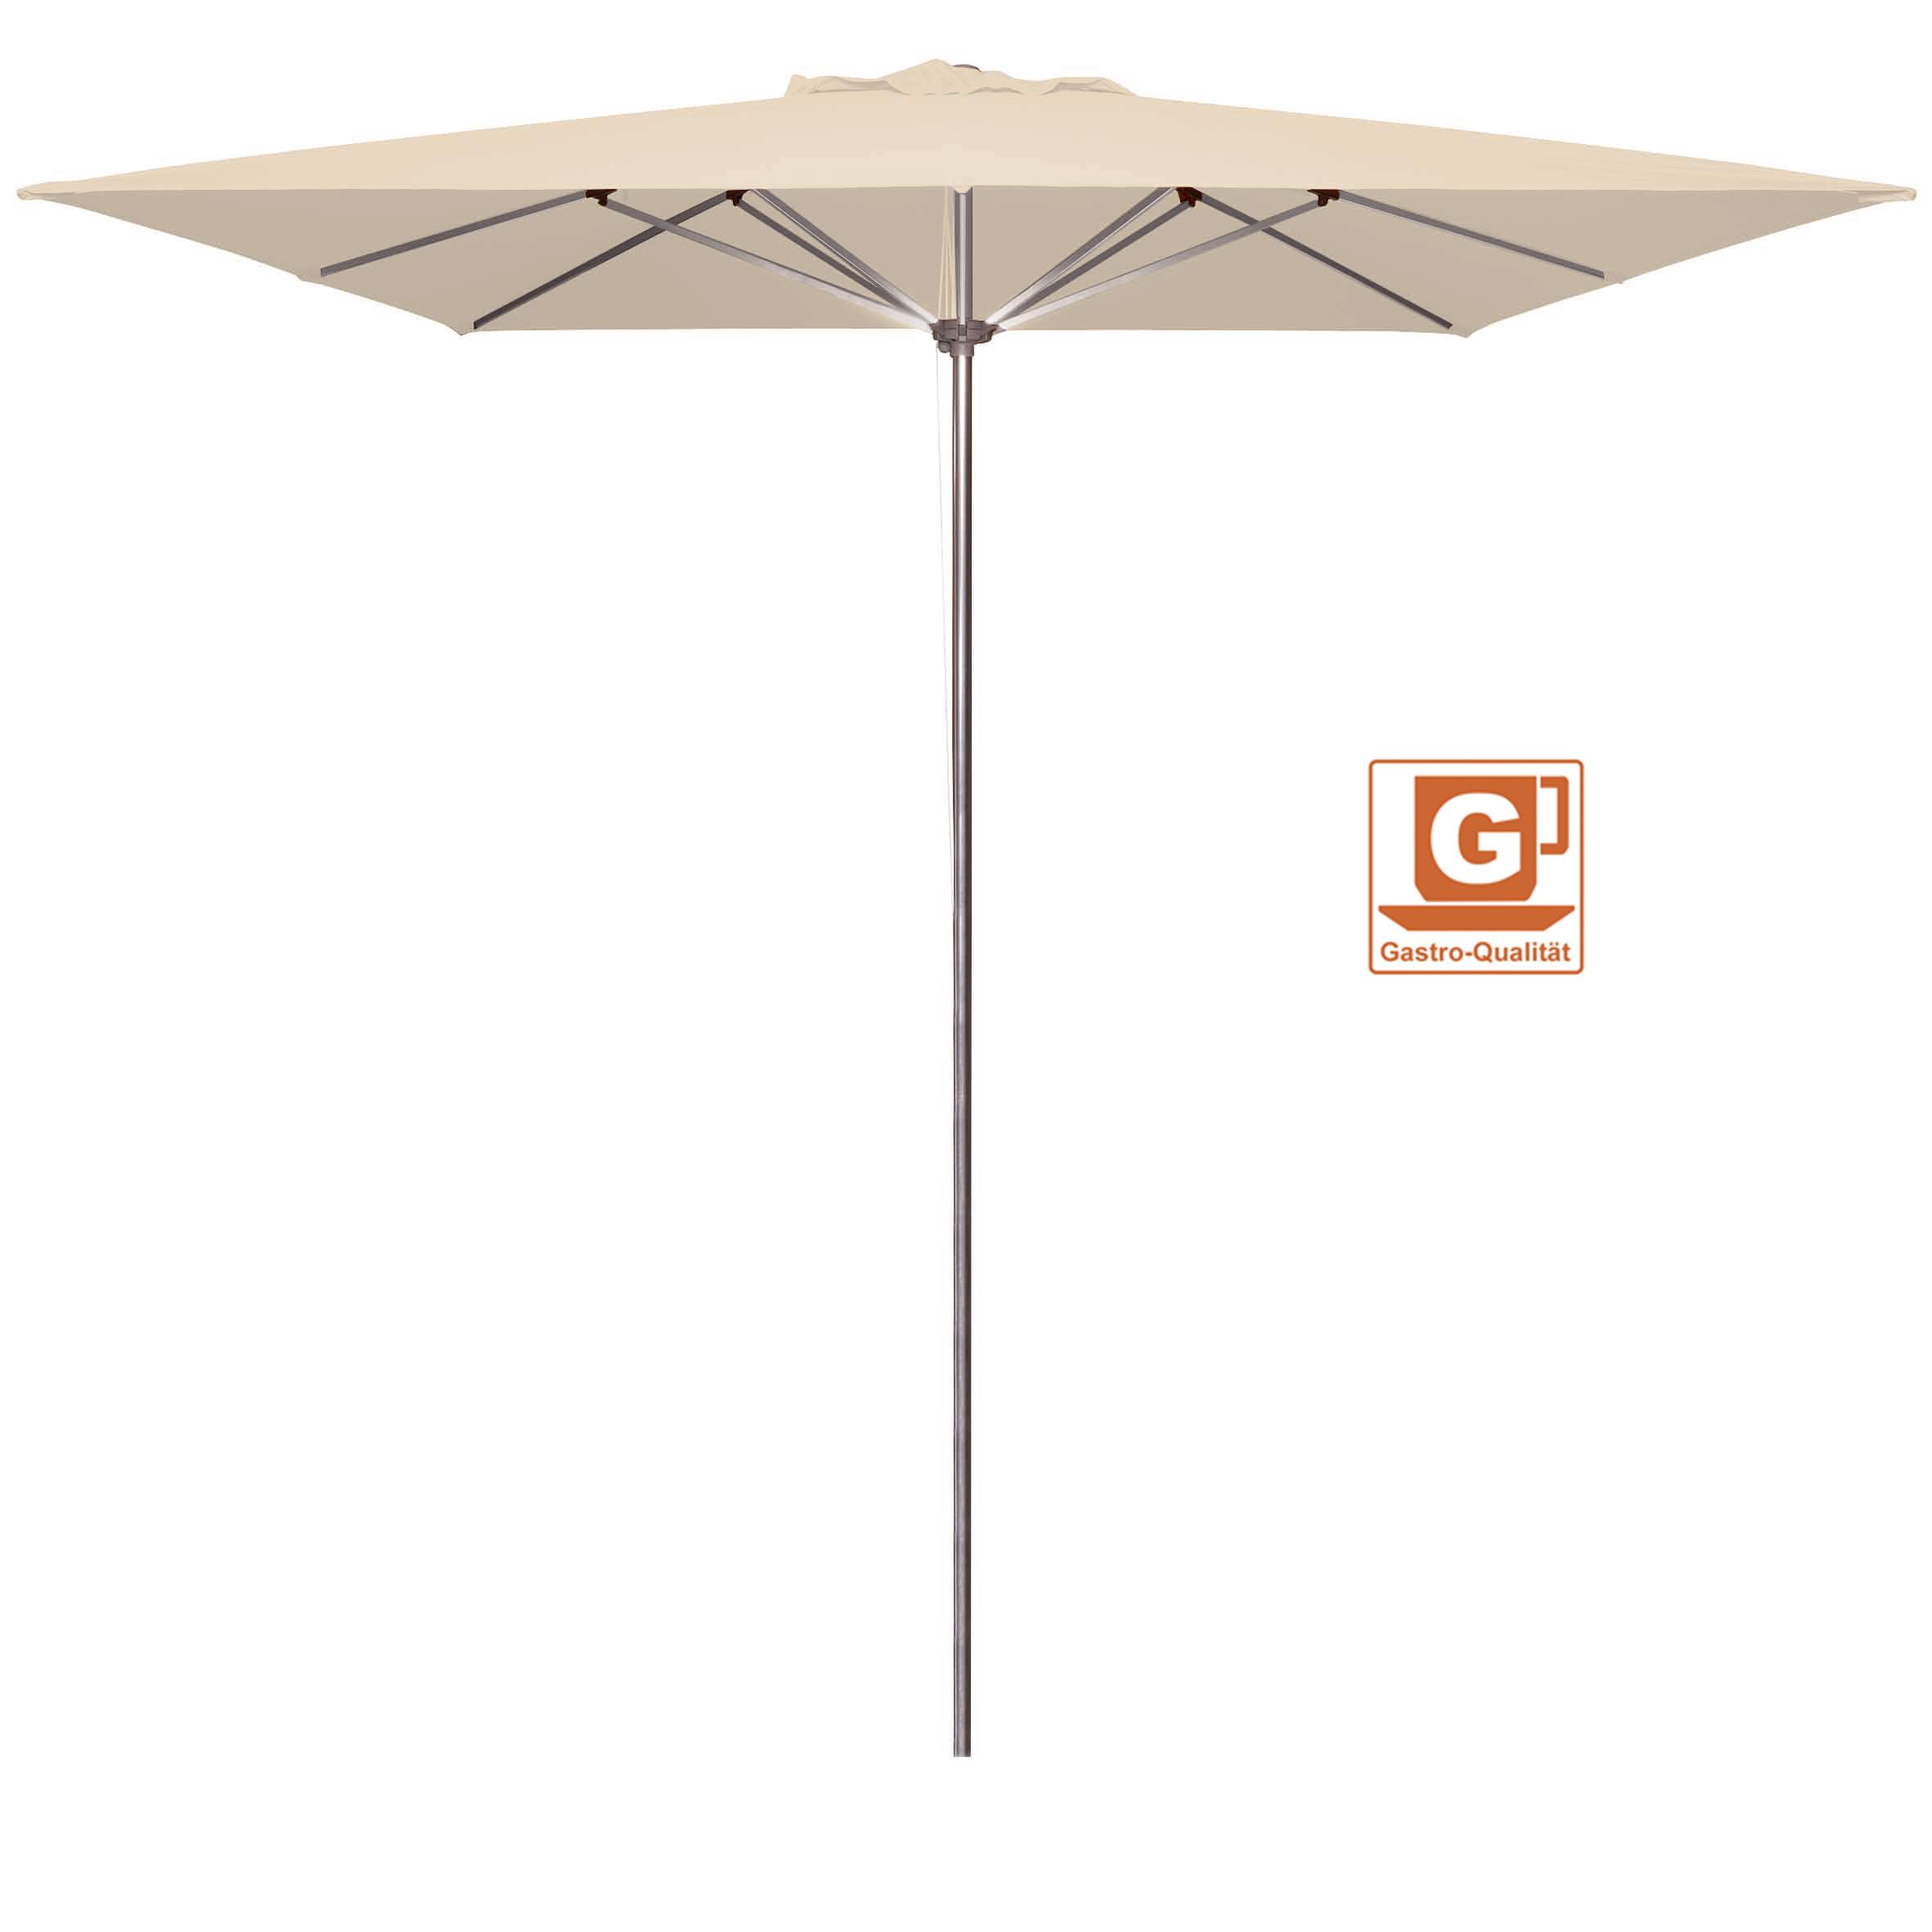 Großschirm / Sonnenschirm Doppler Gastro Clip 300x300cm Des. 900 natur Bild 1